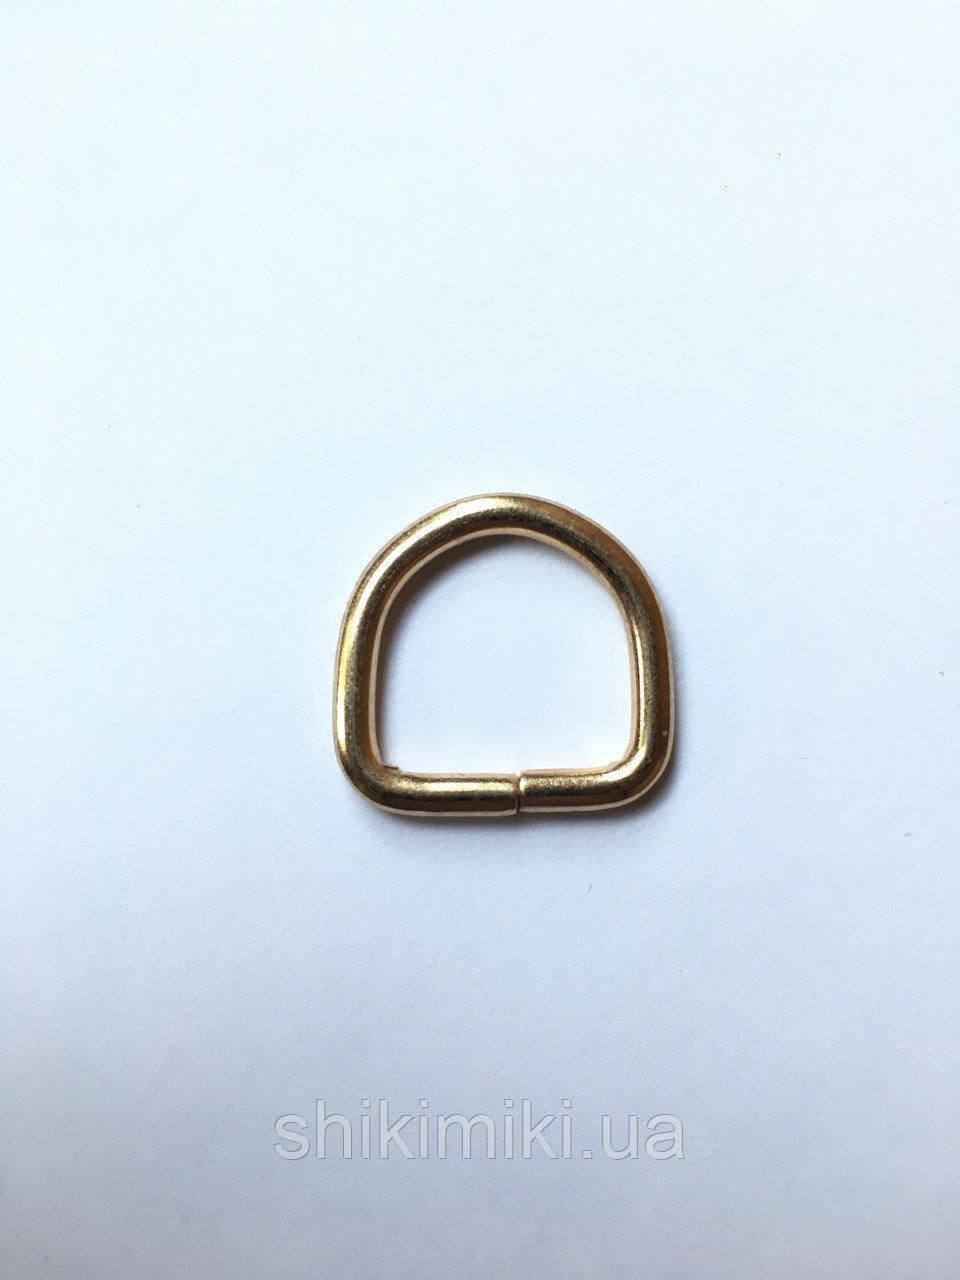 Полукольцо для сумки PK09-3 (15 мм), цвет золото